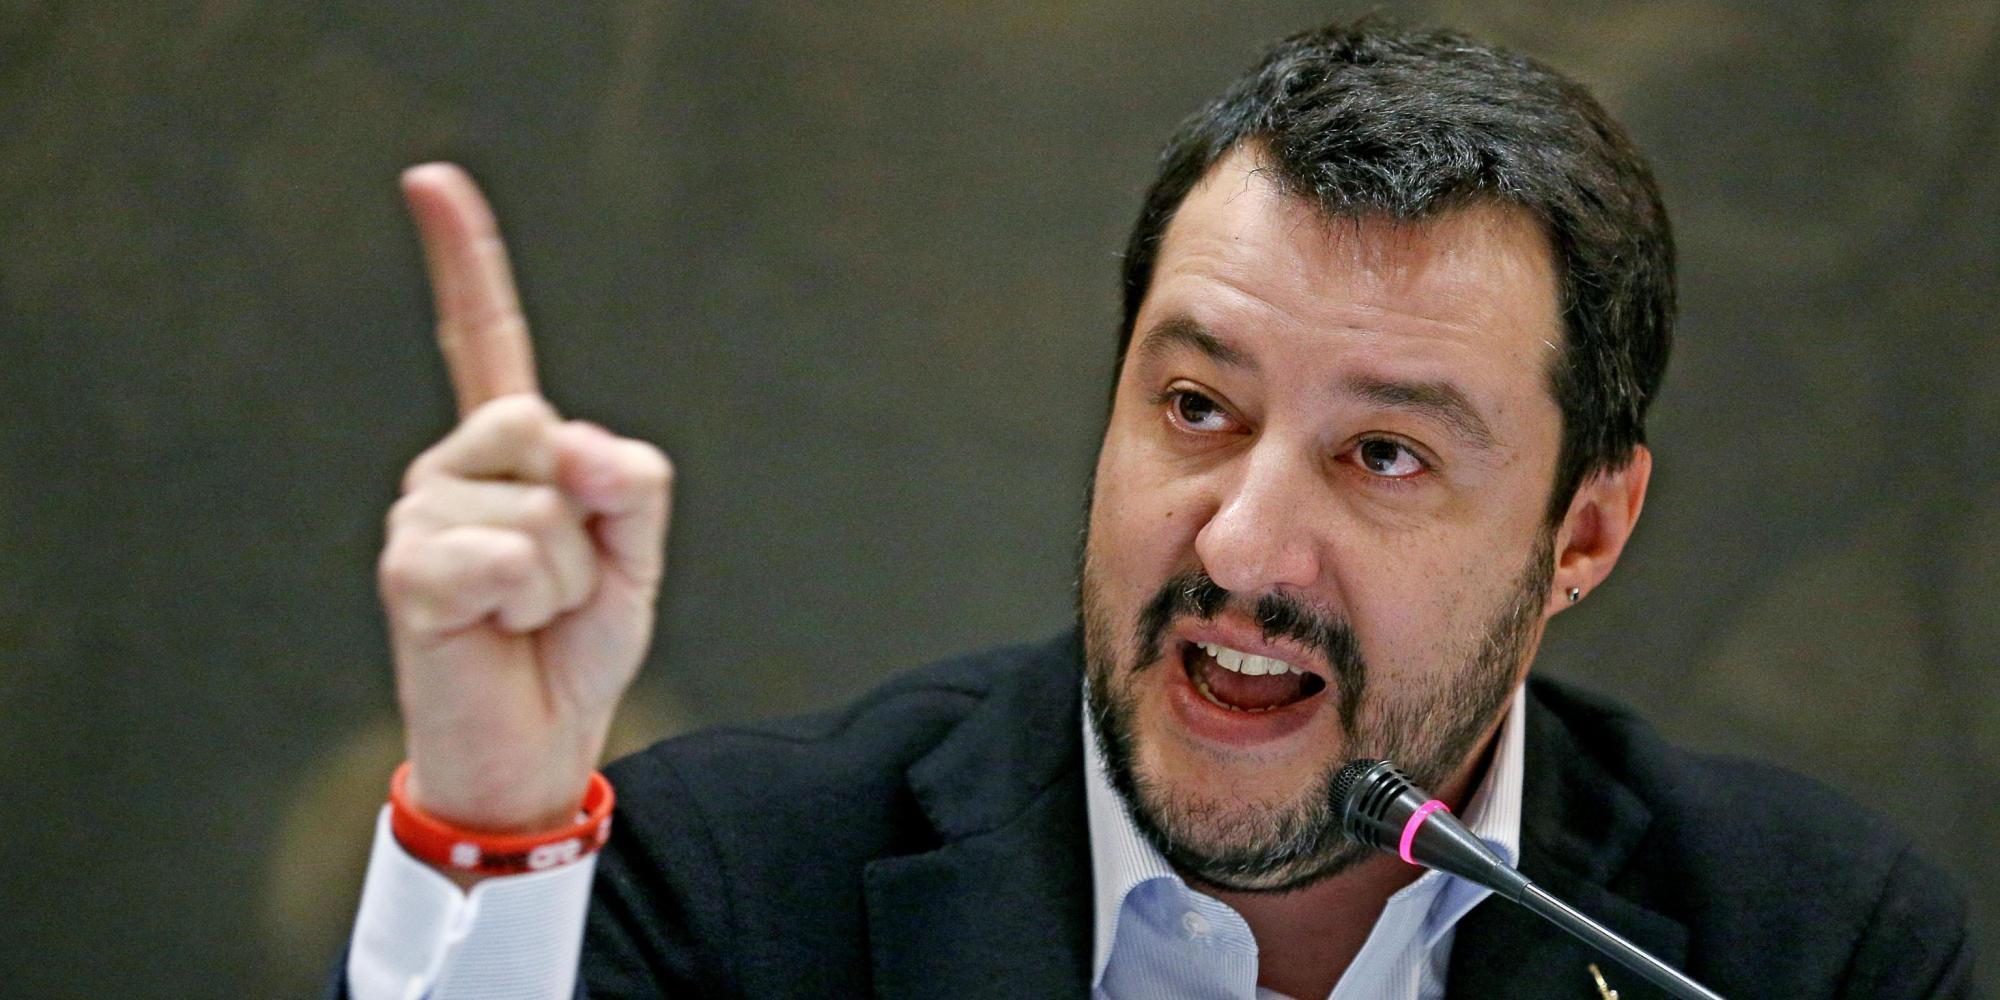 """Comunali, il diktat di Salvini e la divisiva  """"deriva leghista del cdx"""": Alessandro Usai, cittapaese.it vi spiega perchè proprio lui"""